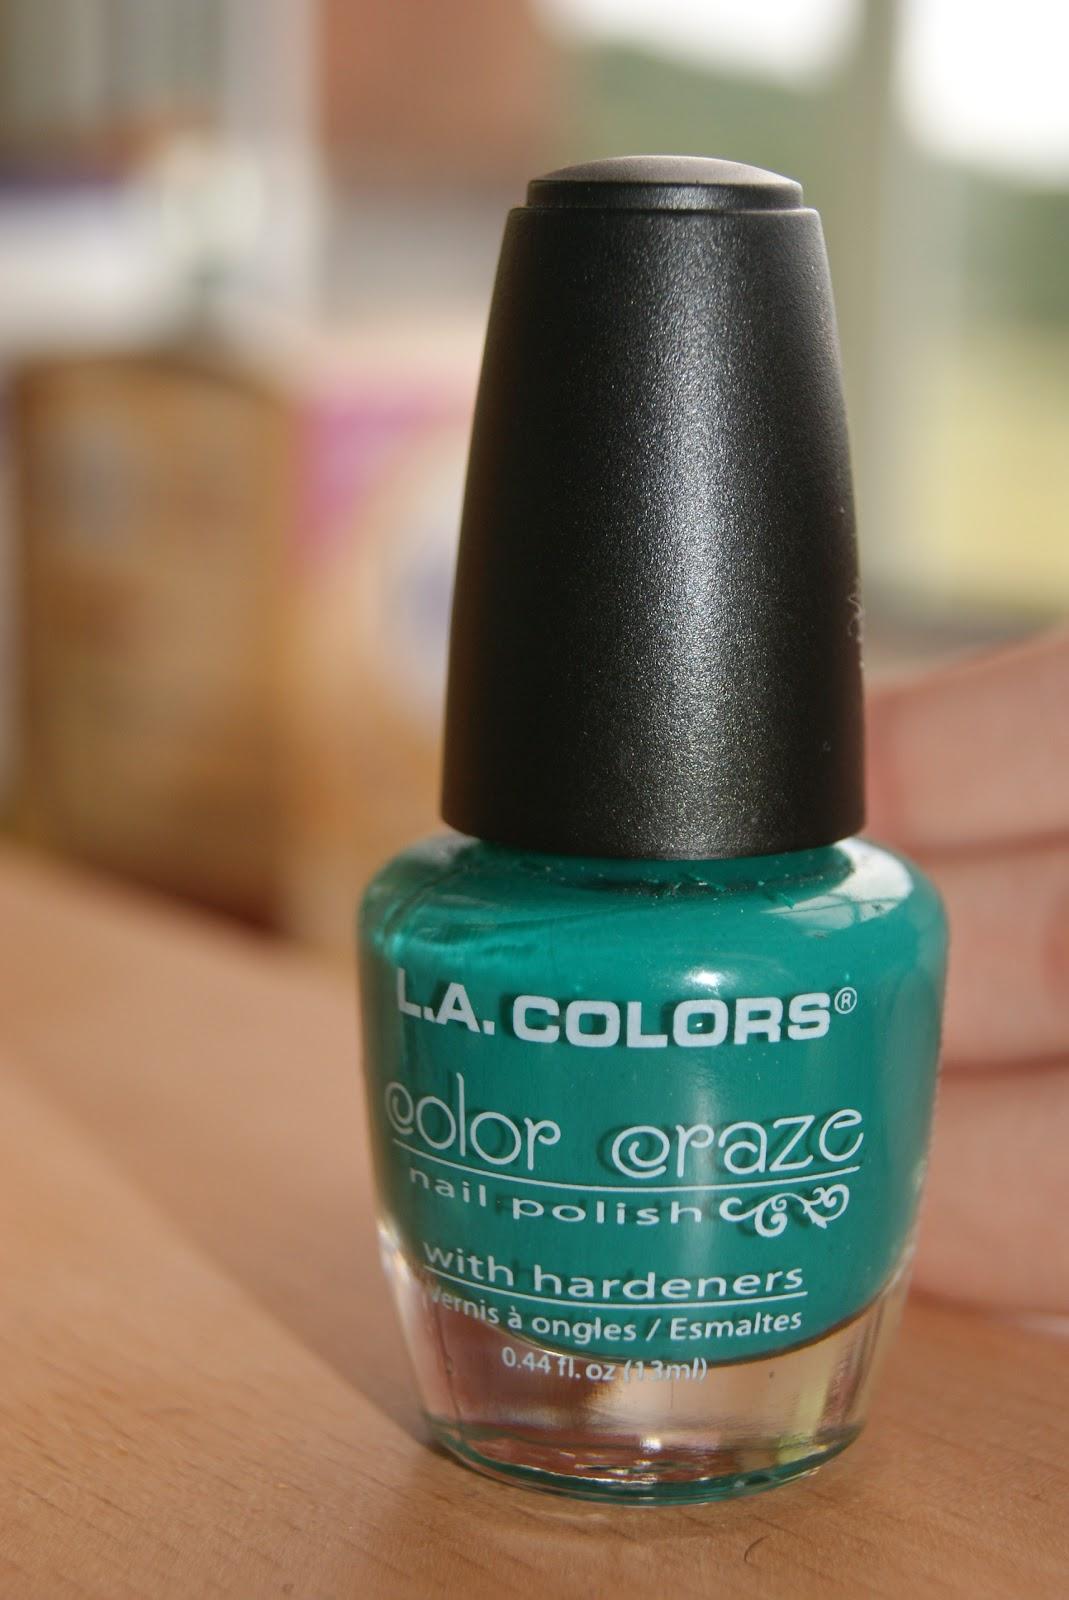 make up nerds: Blue-Green Nail Varnish Swatches!